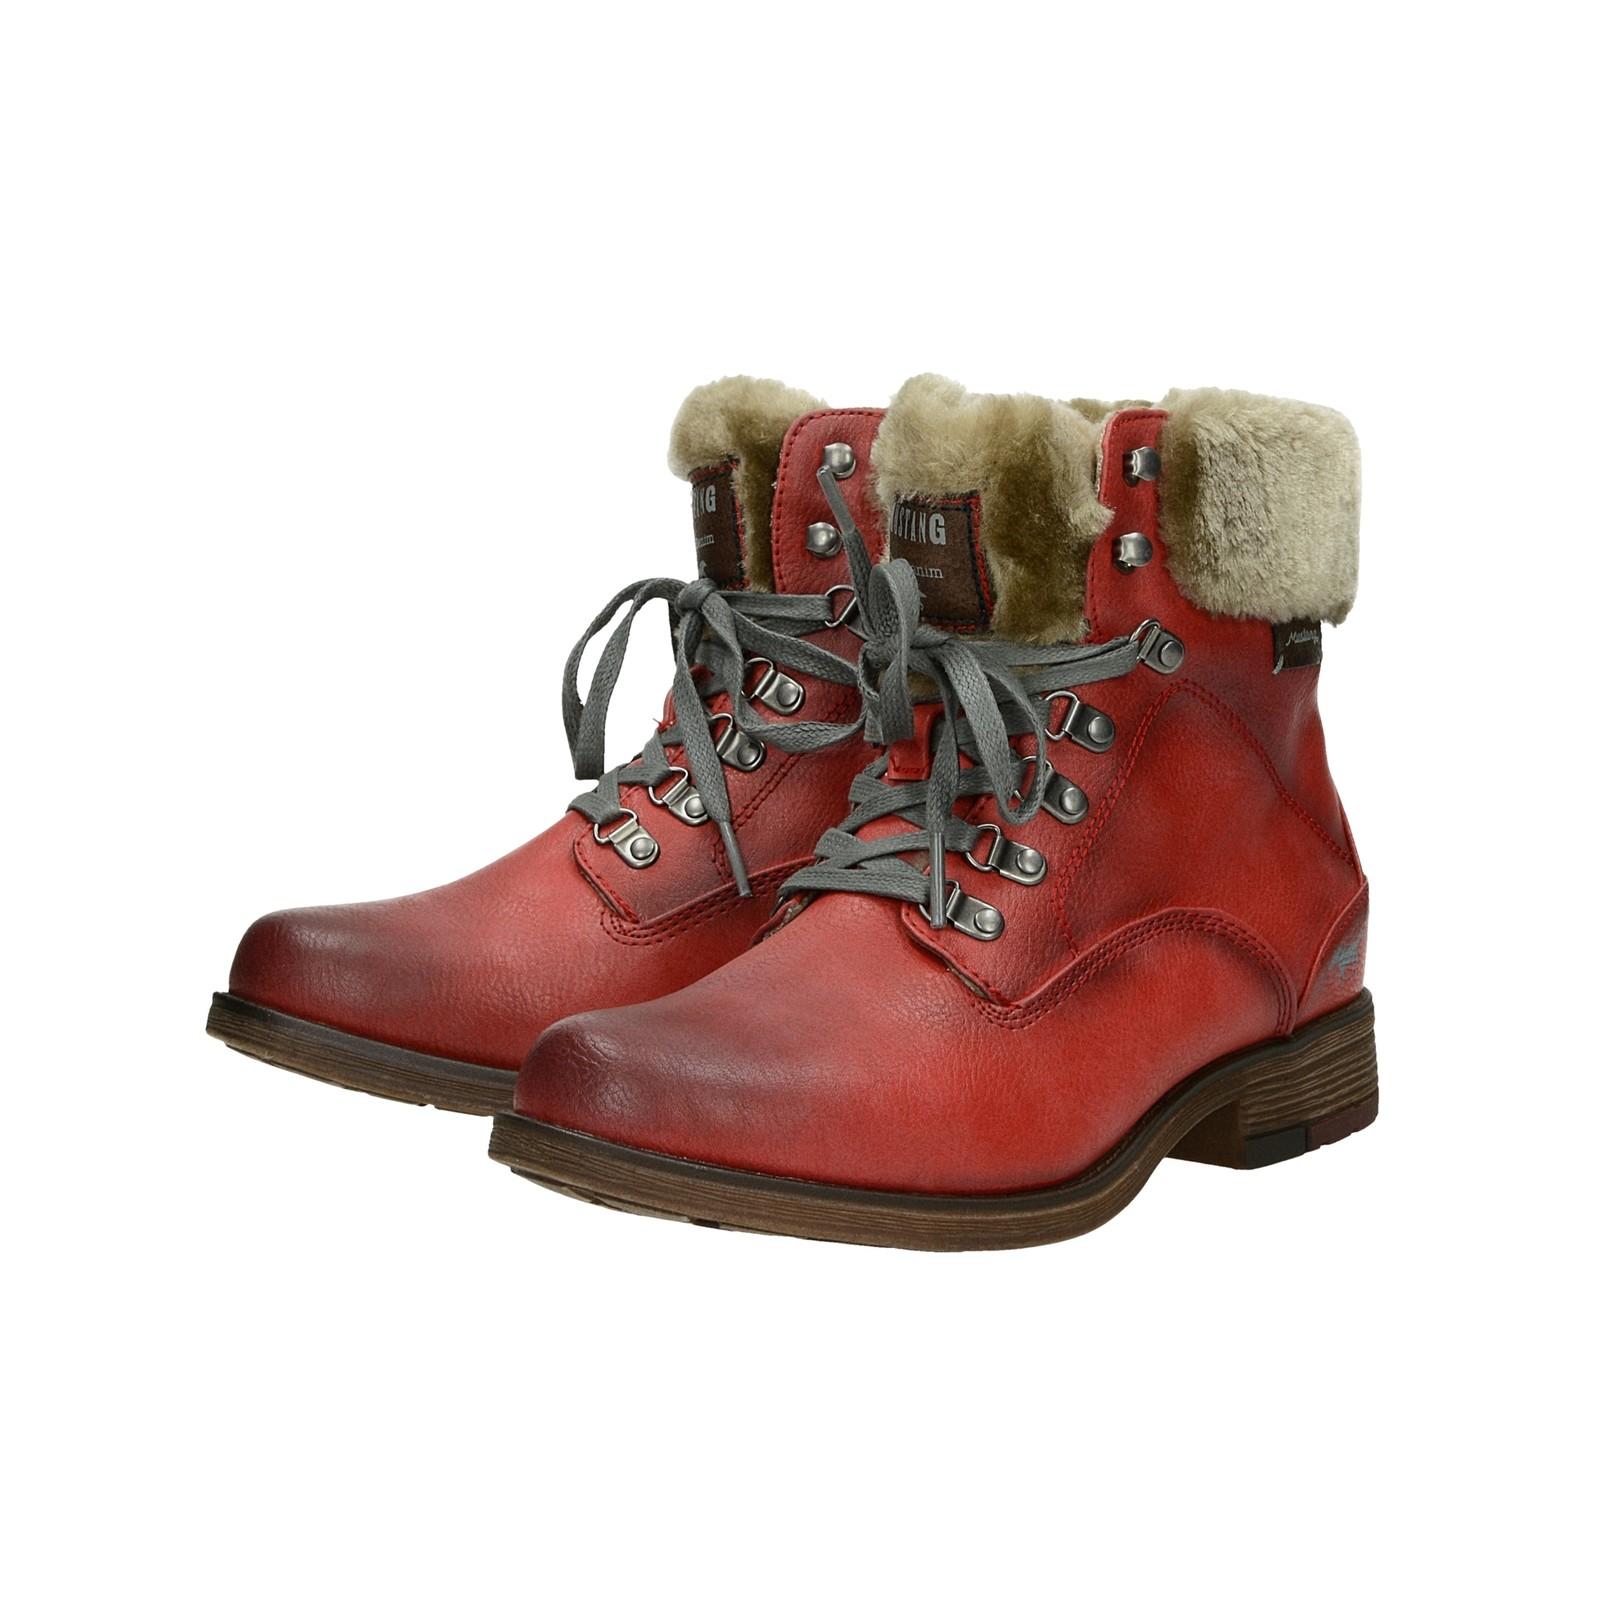 ... Mustang dámské zateplené kotníkové boty - červené ... d504dd799a